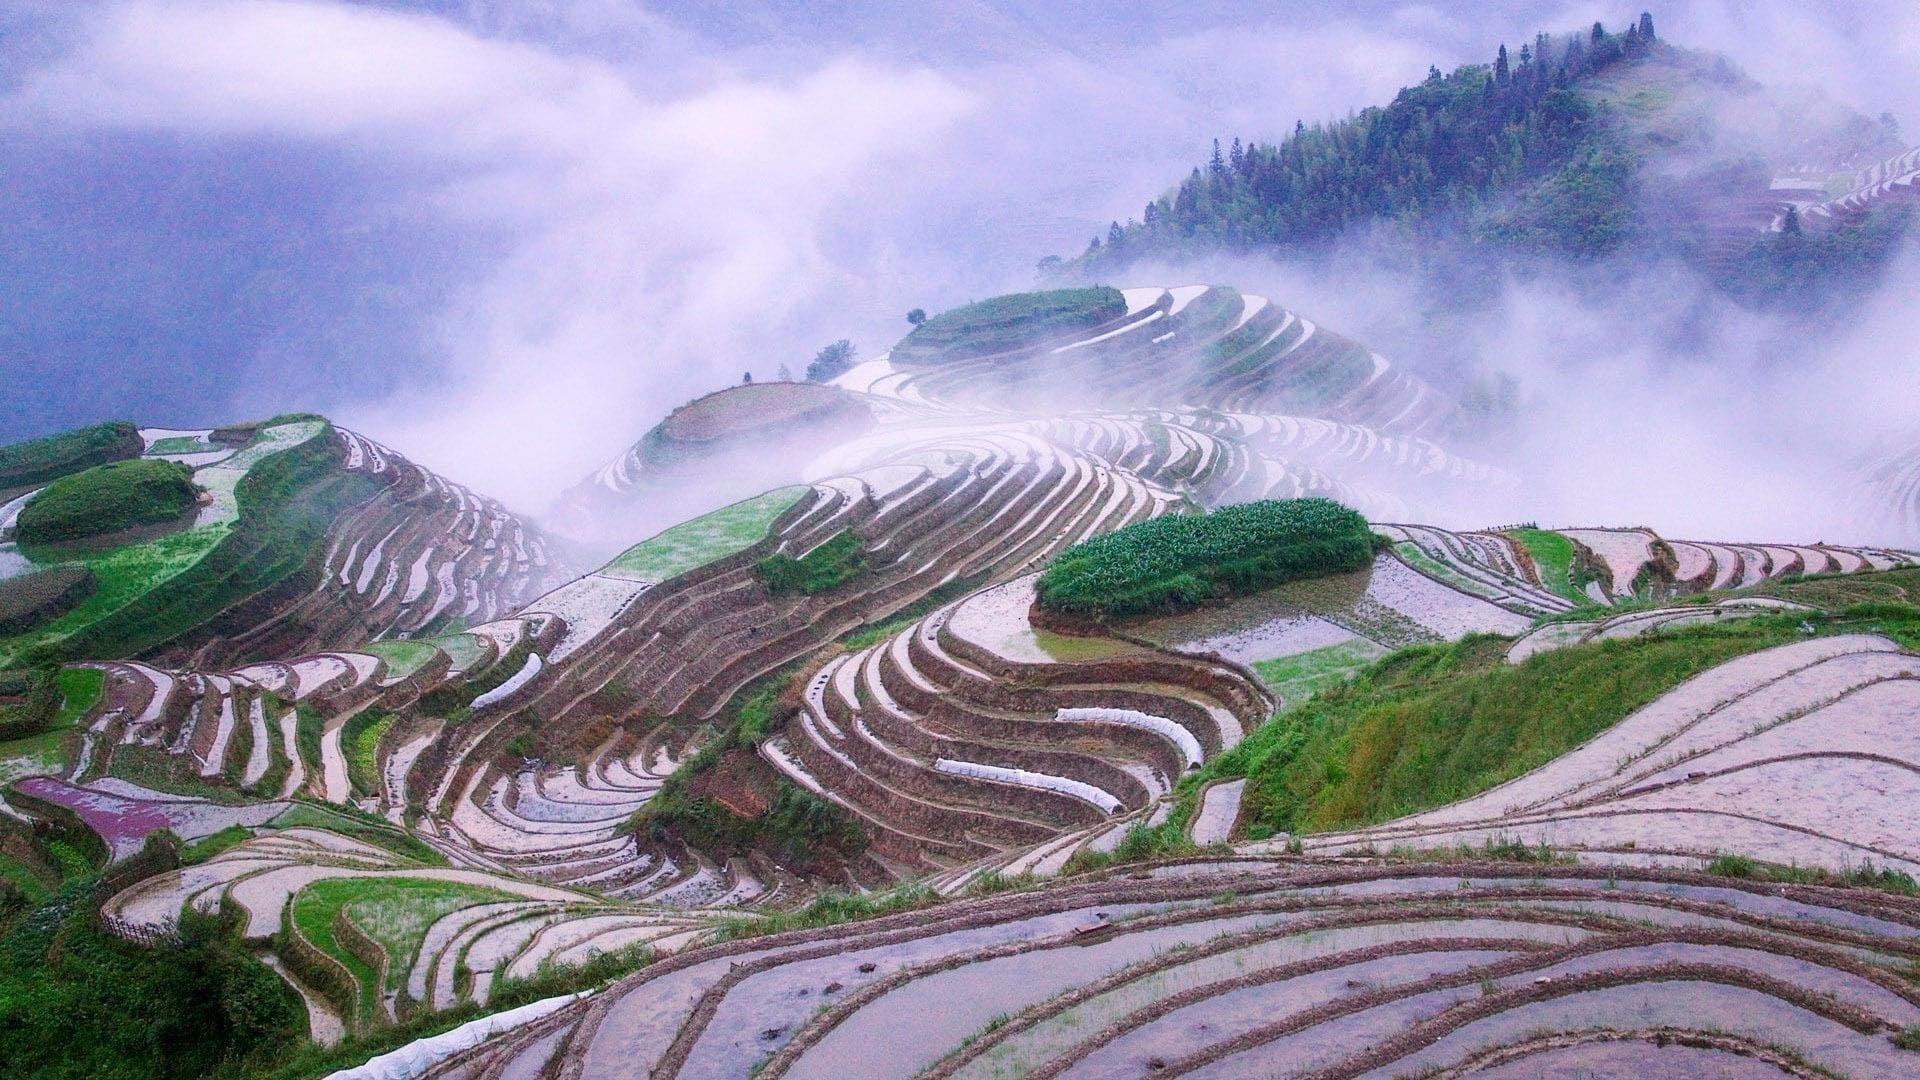 Прекрасный вид на дорогу покрытую туманом и пейзажный вид на горы под небом природа обои скачать